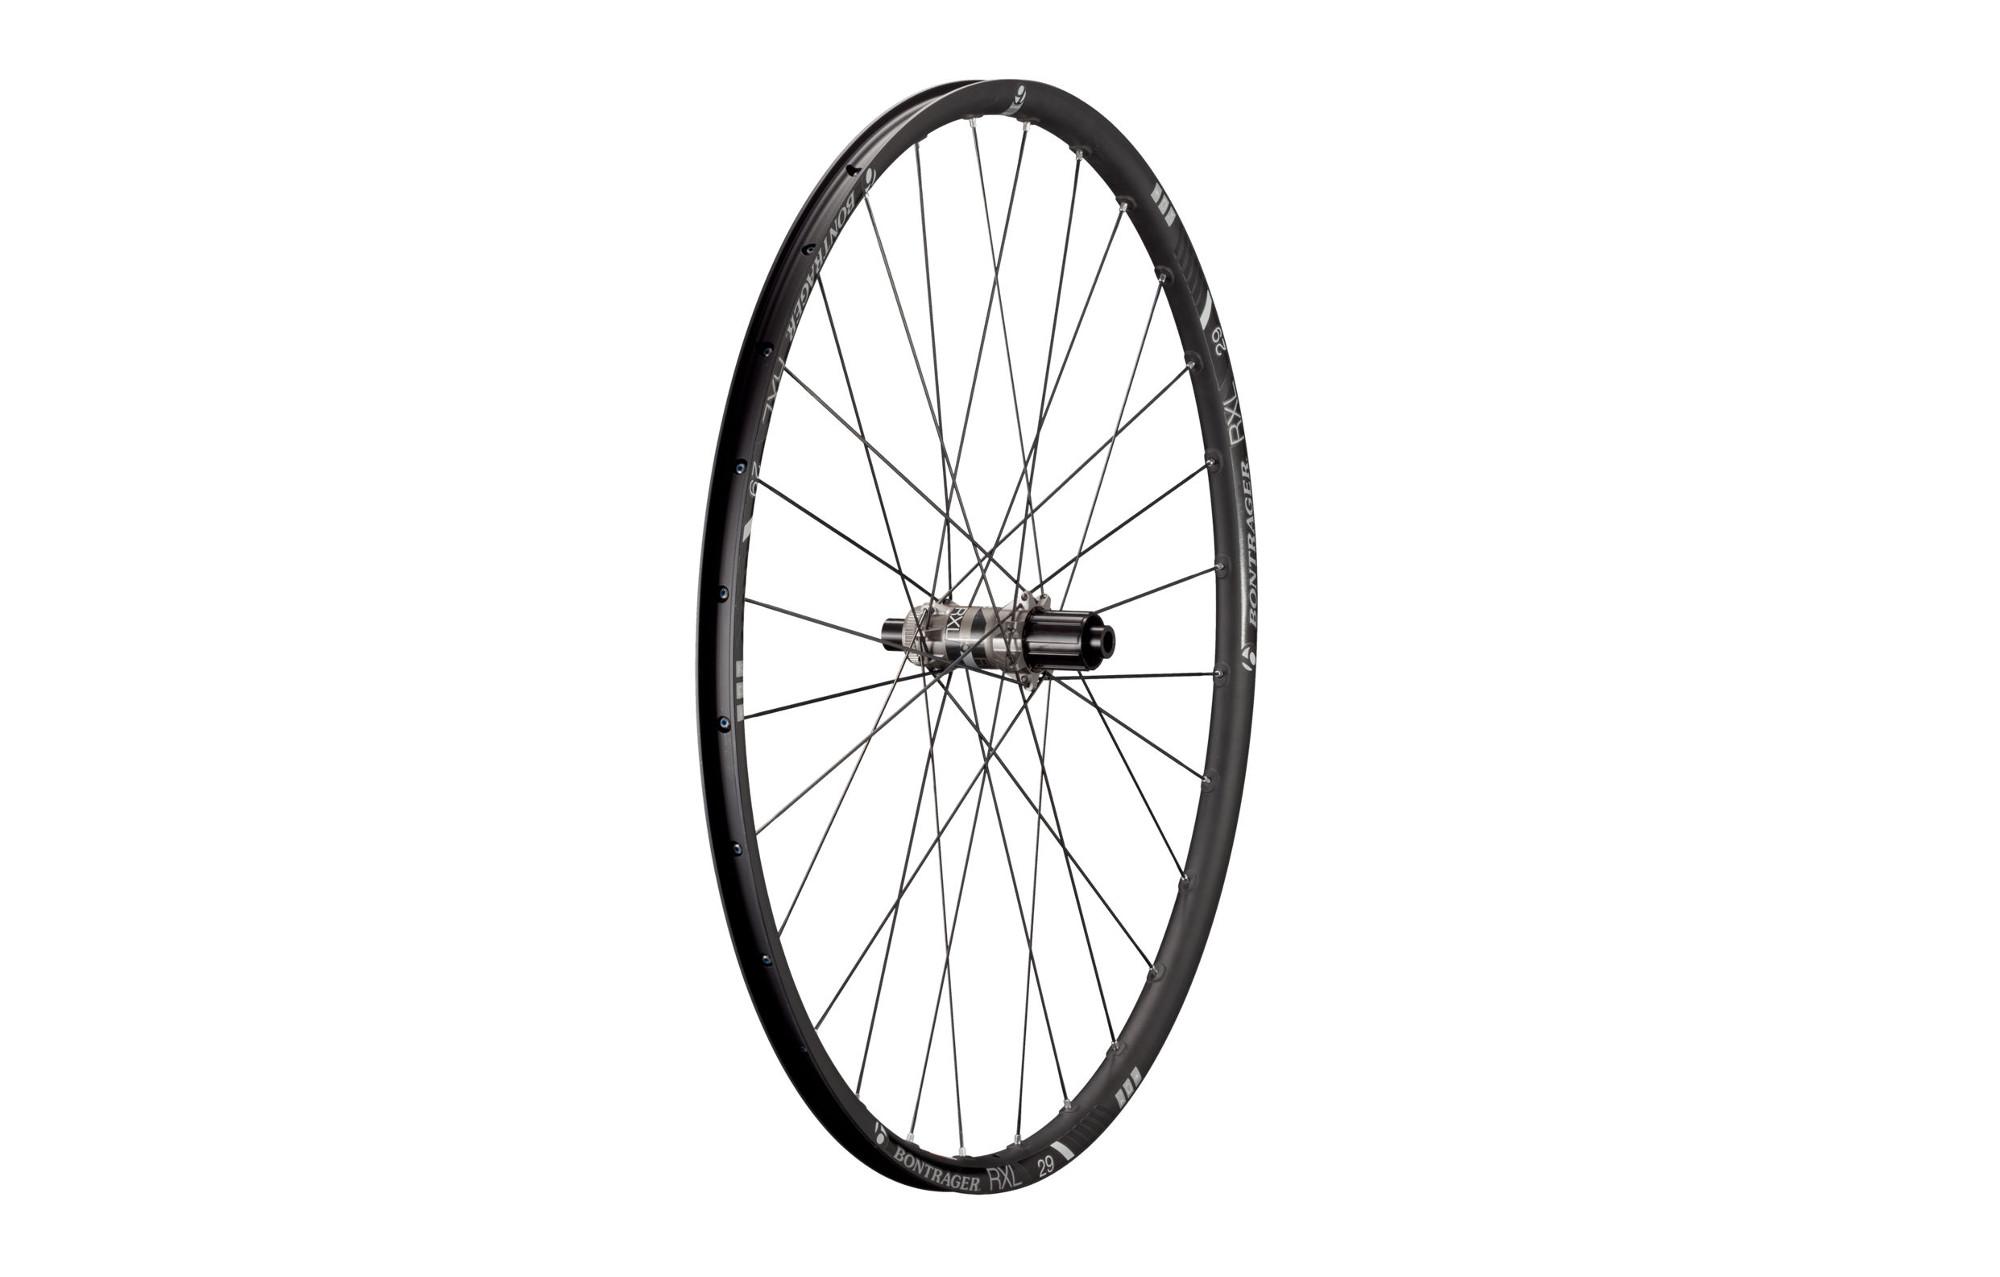 bontrager race x lite 2015 rear wheel 29 u0026 39  u0026 39  tlr disc cl 135